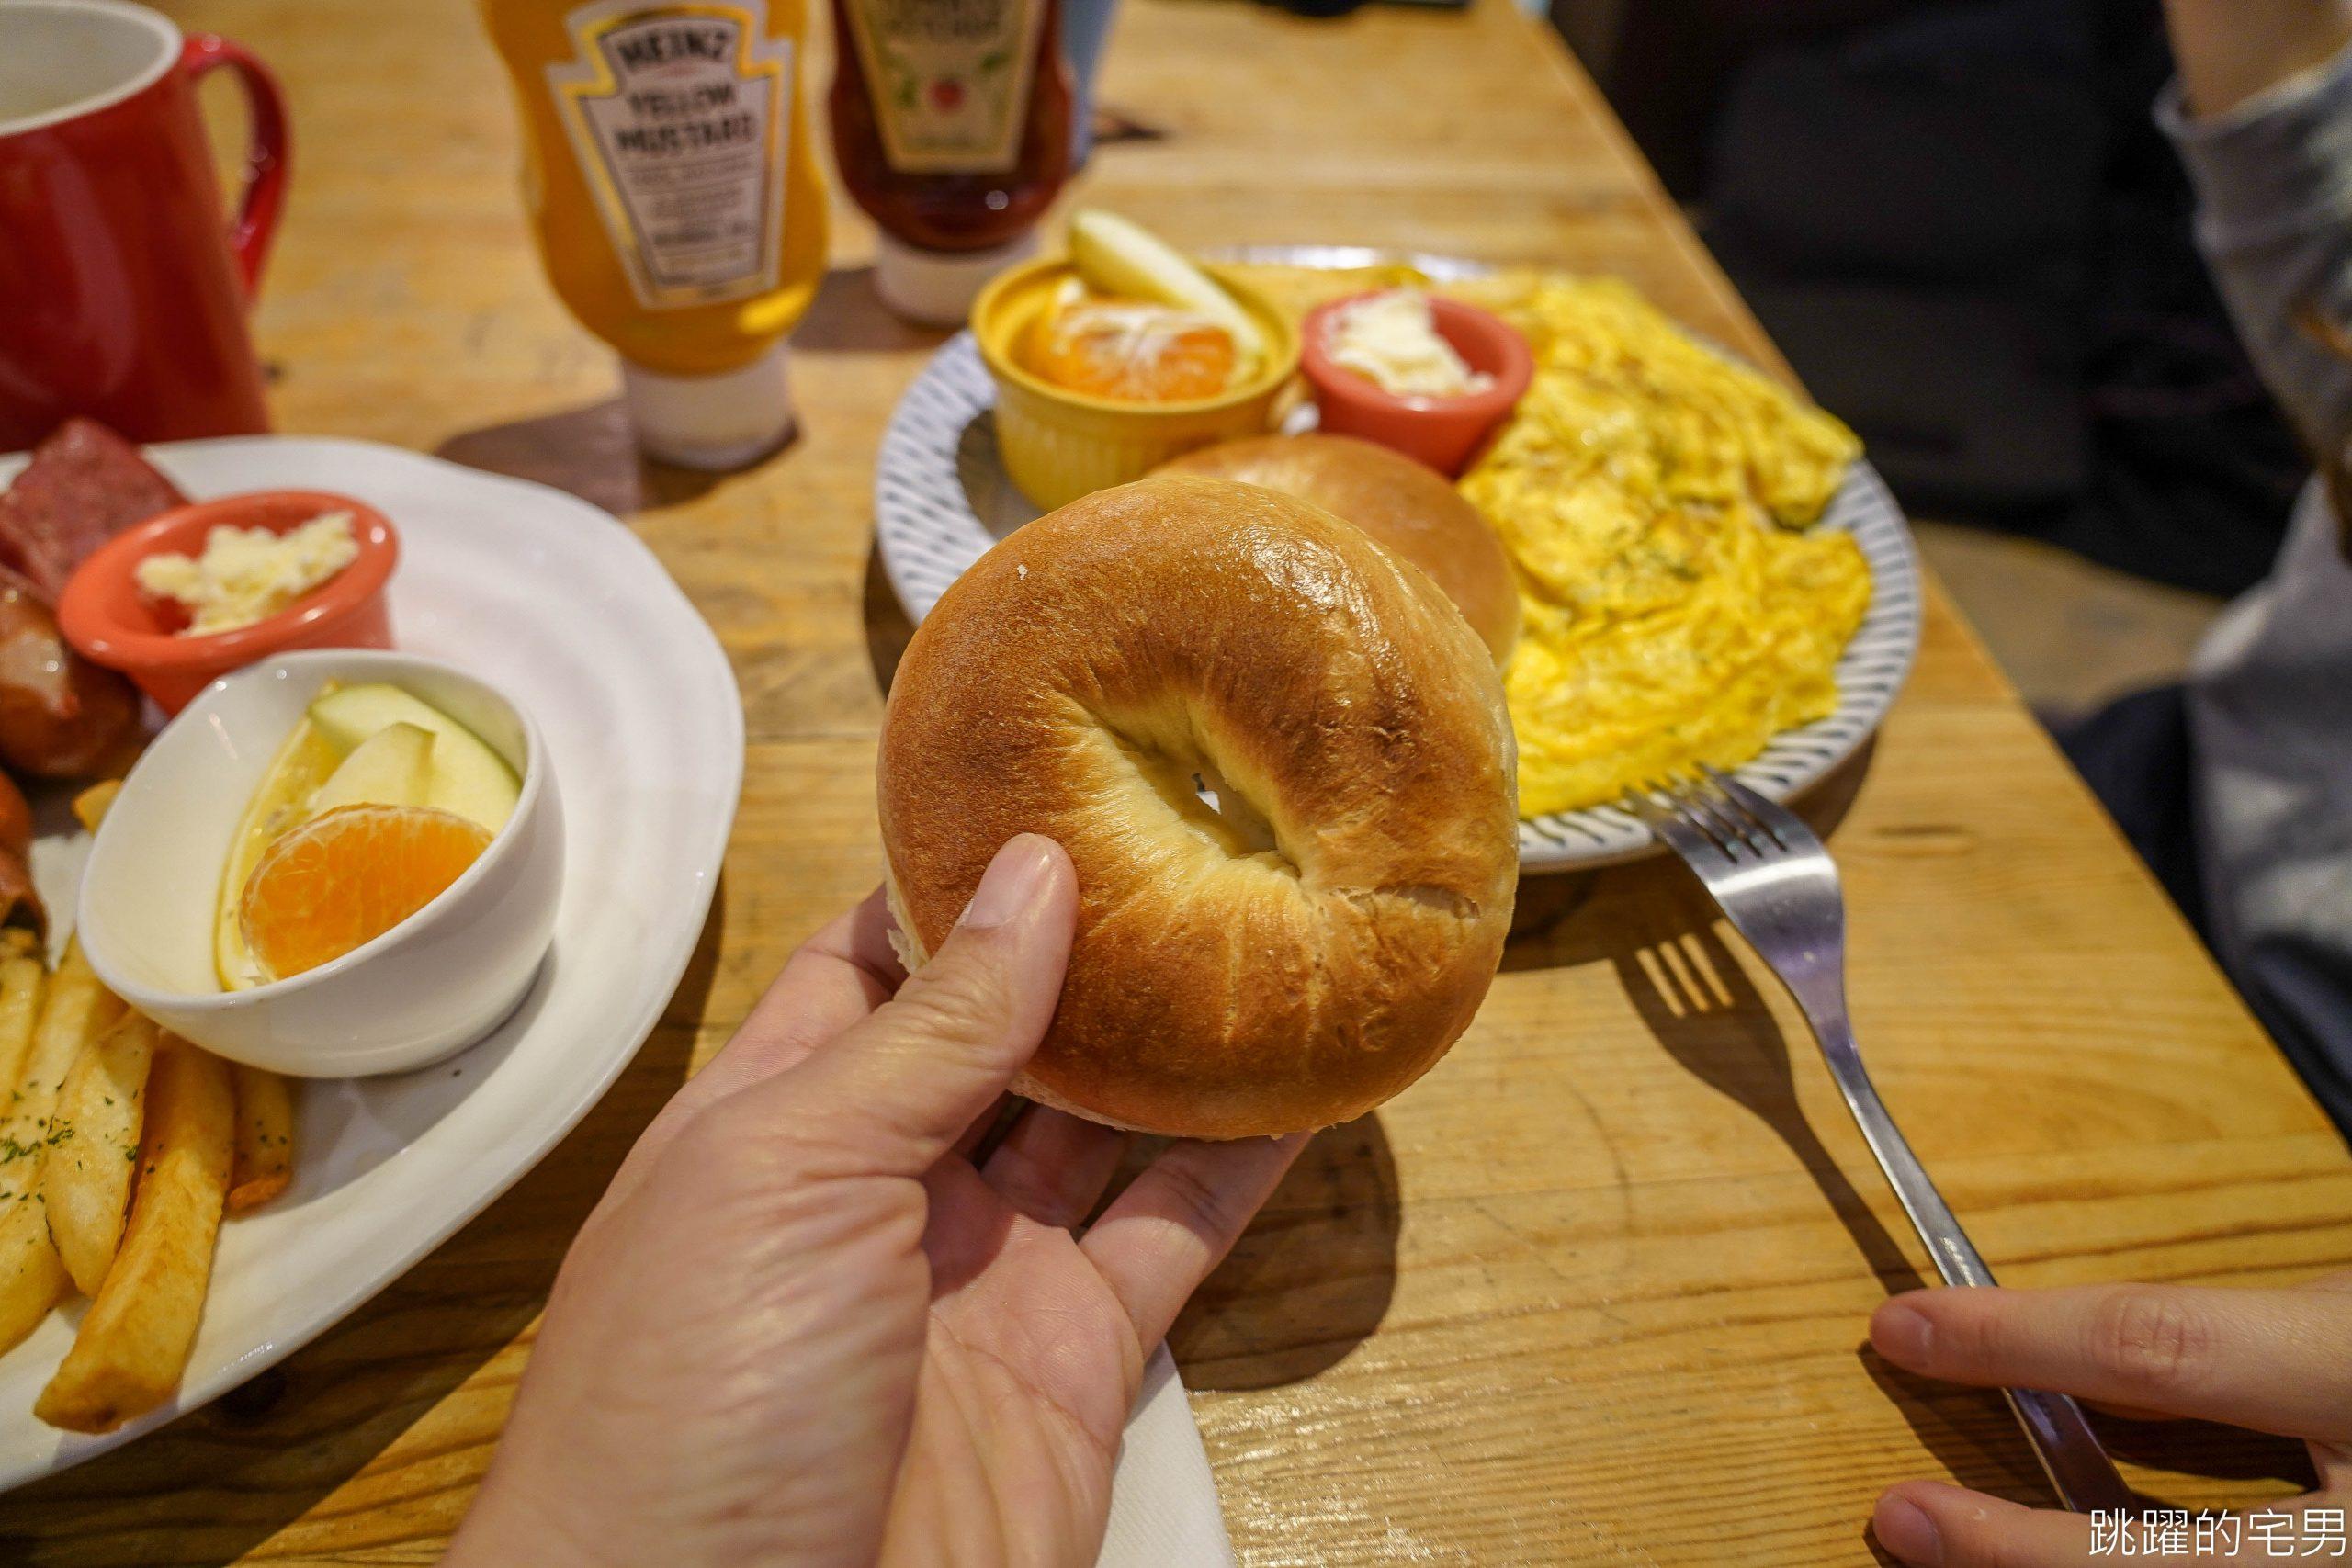 [花蓮美食]木宅波米Pomme-陽光透著老木屋 氣氛悠閒又愜意  貝果 義大利麵 飲料暢飲還不收服務費 花蓮早午餐